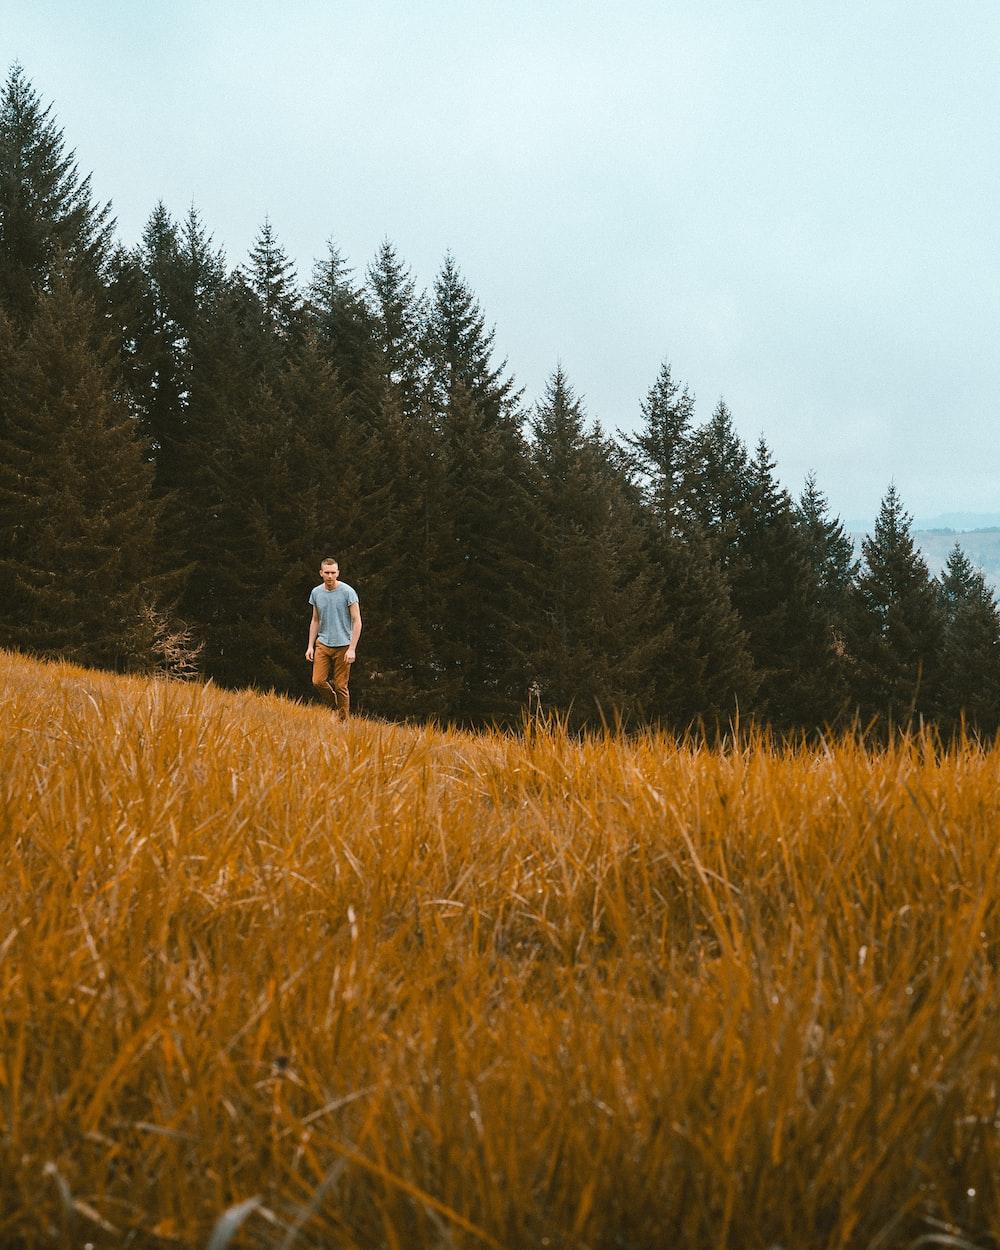 man standing on brown grass field